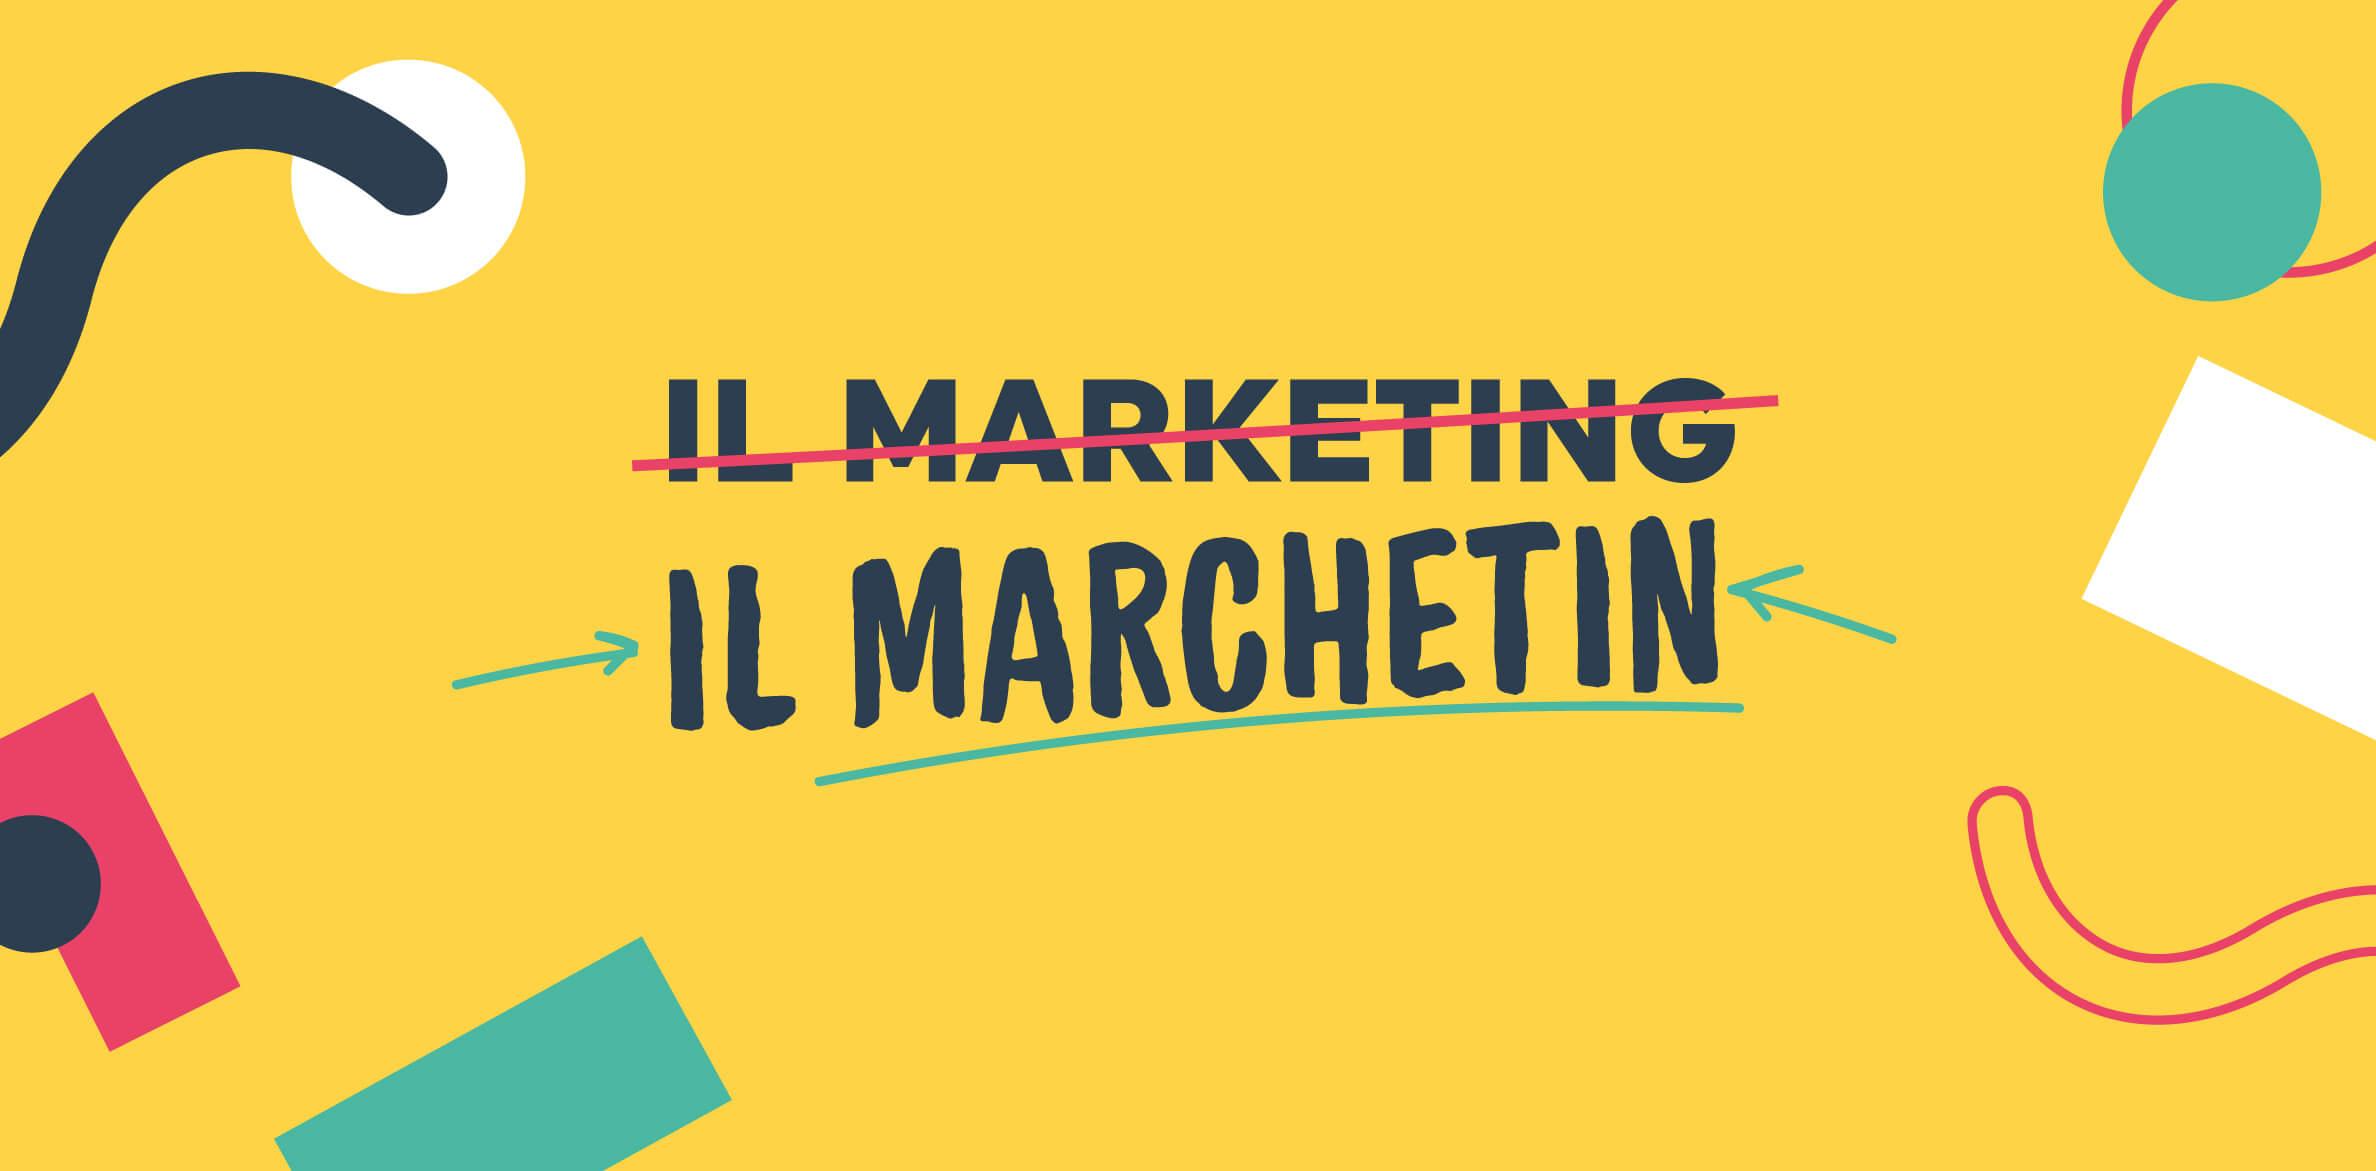 Il Marchetin – ovvero il Marketing - che cos'è davvero?